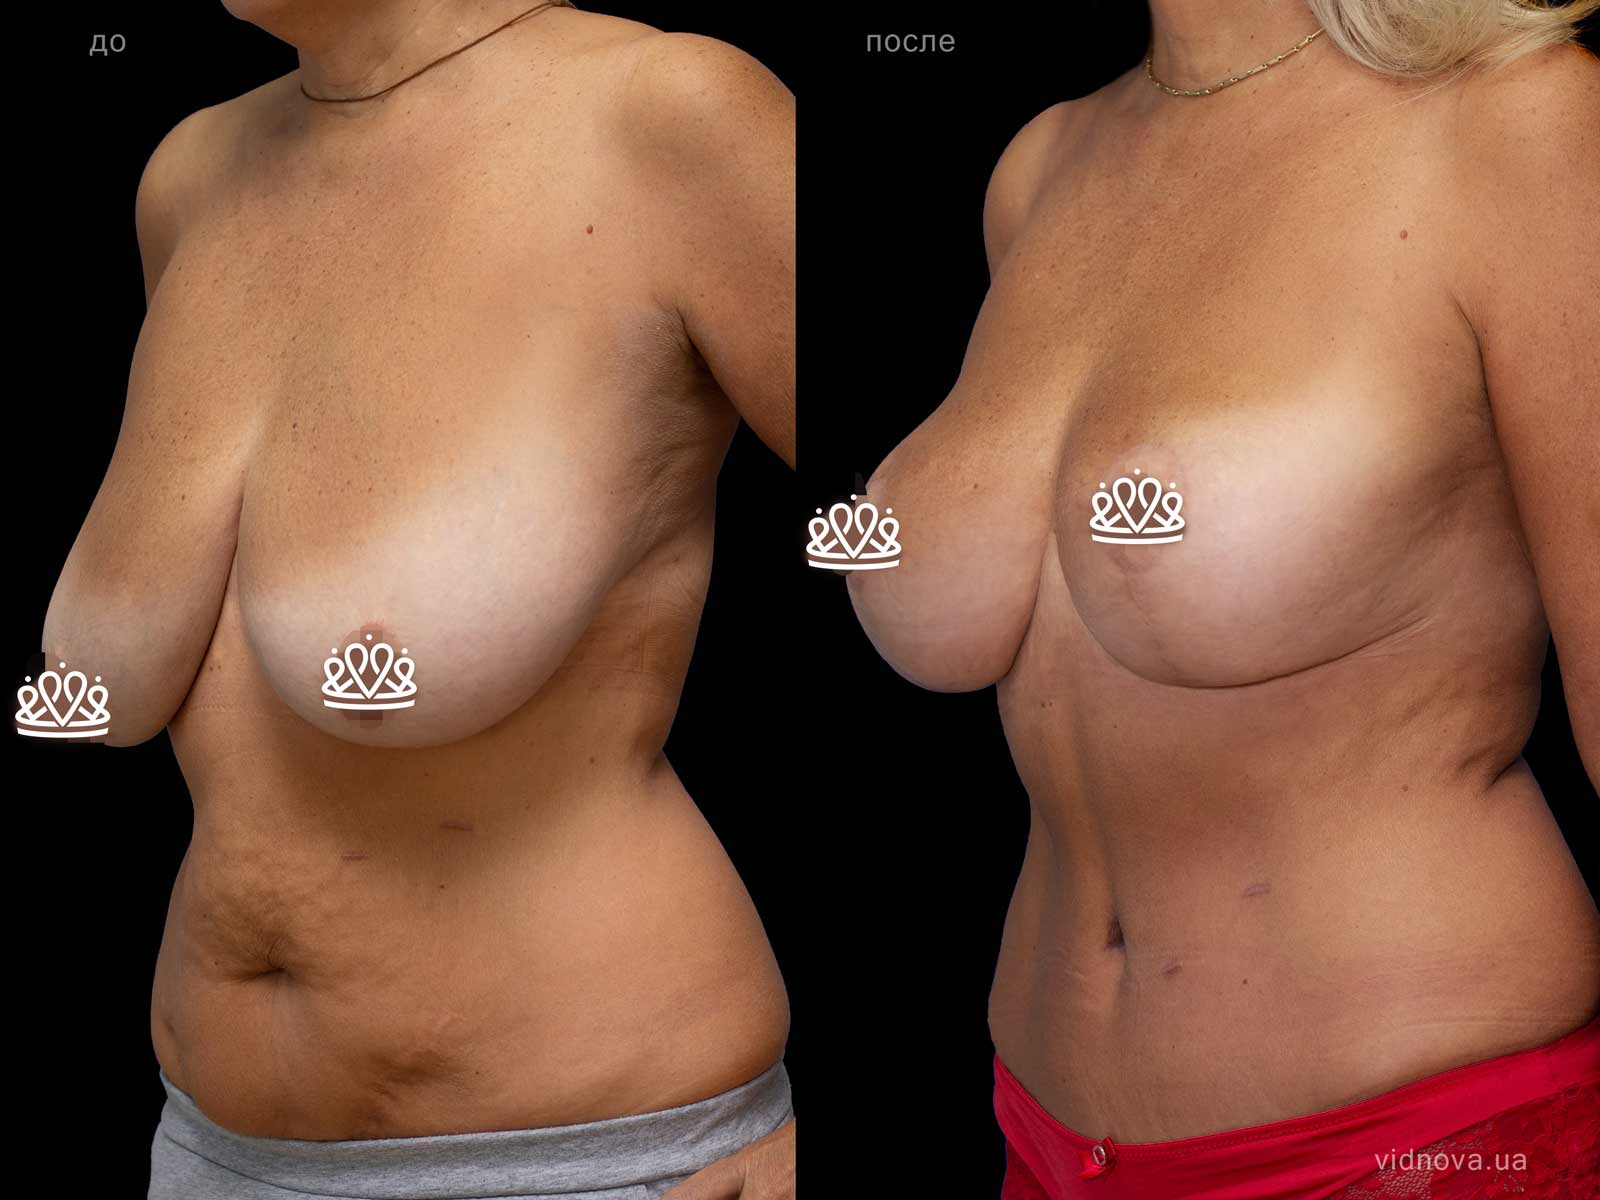 Пластика груди: результаты до и после - Пример №114-1 - Светлана Работенко